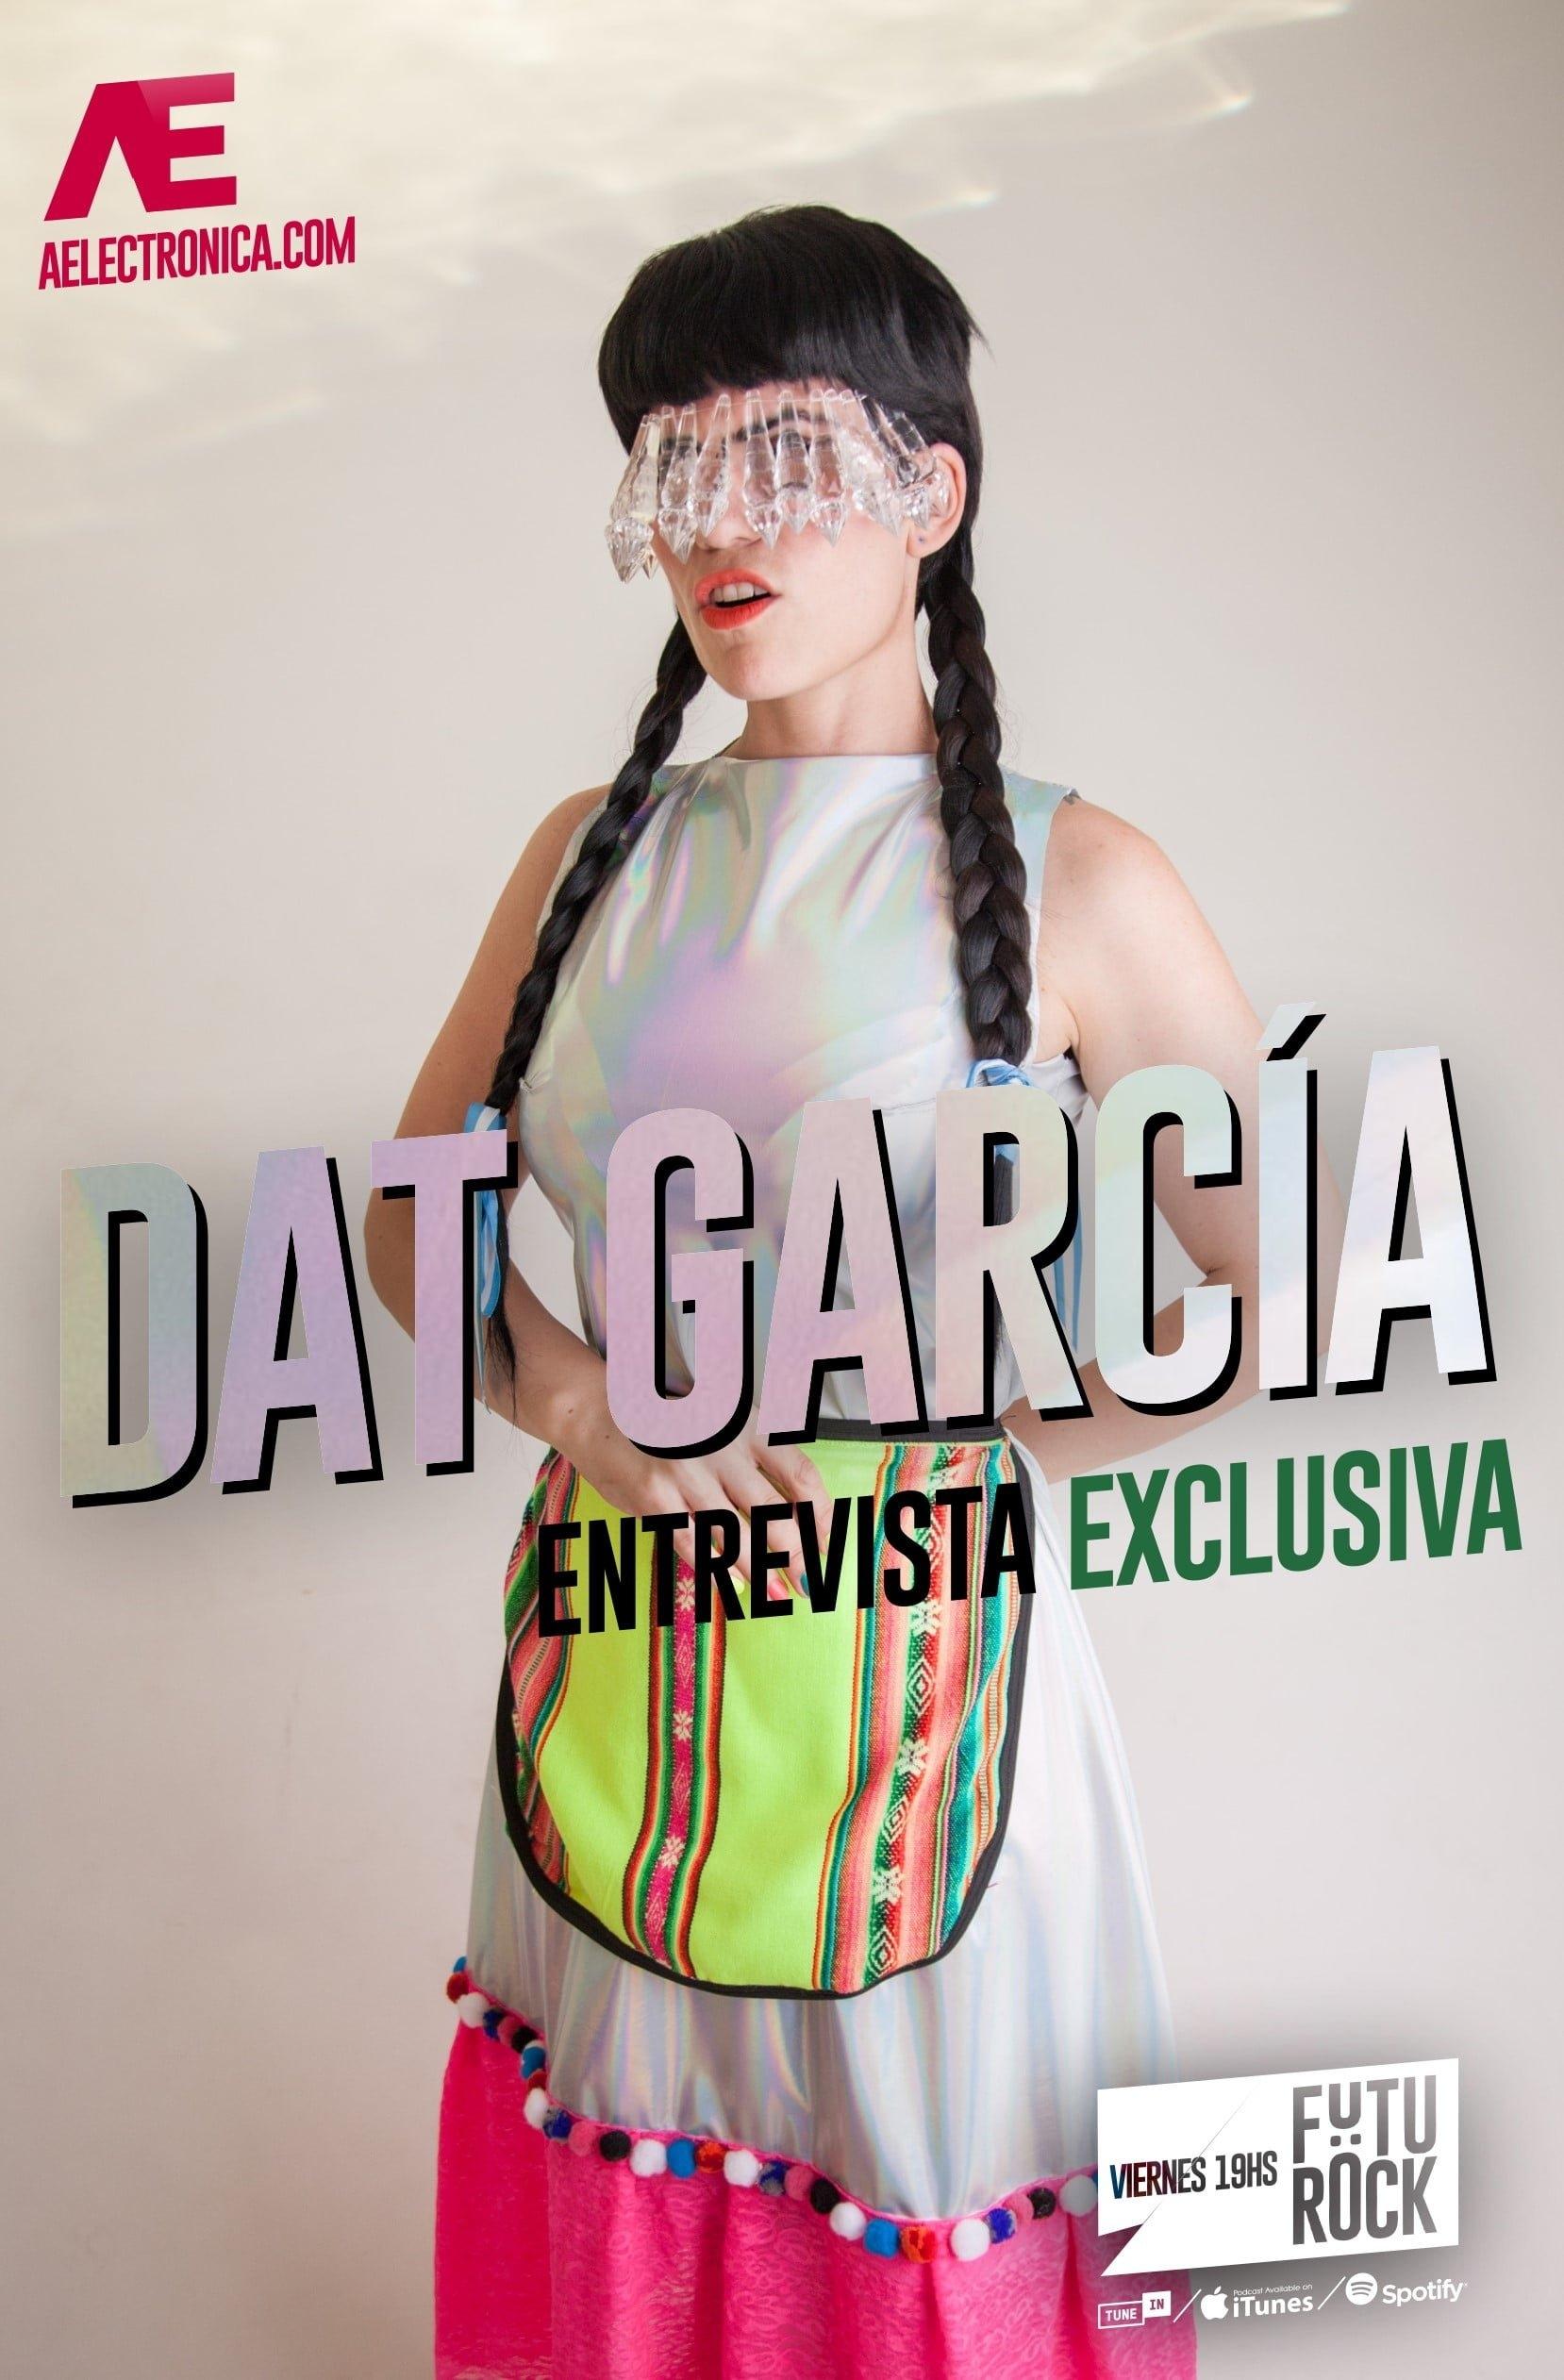 DAT GARCÍA